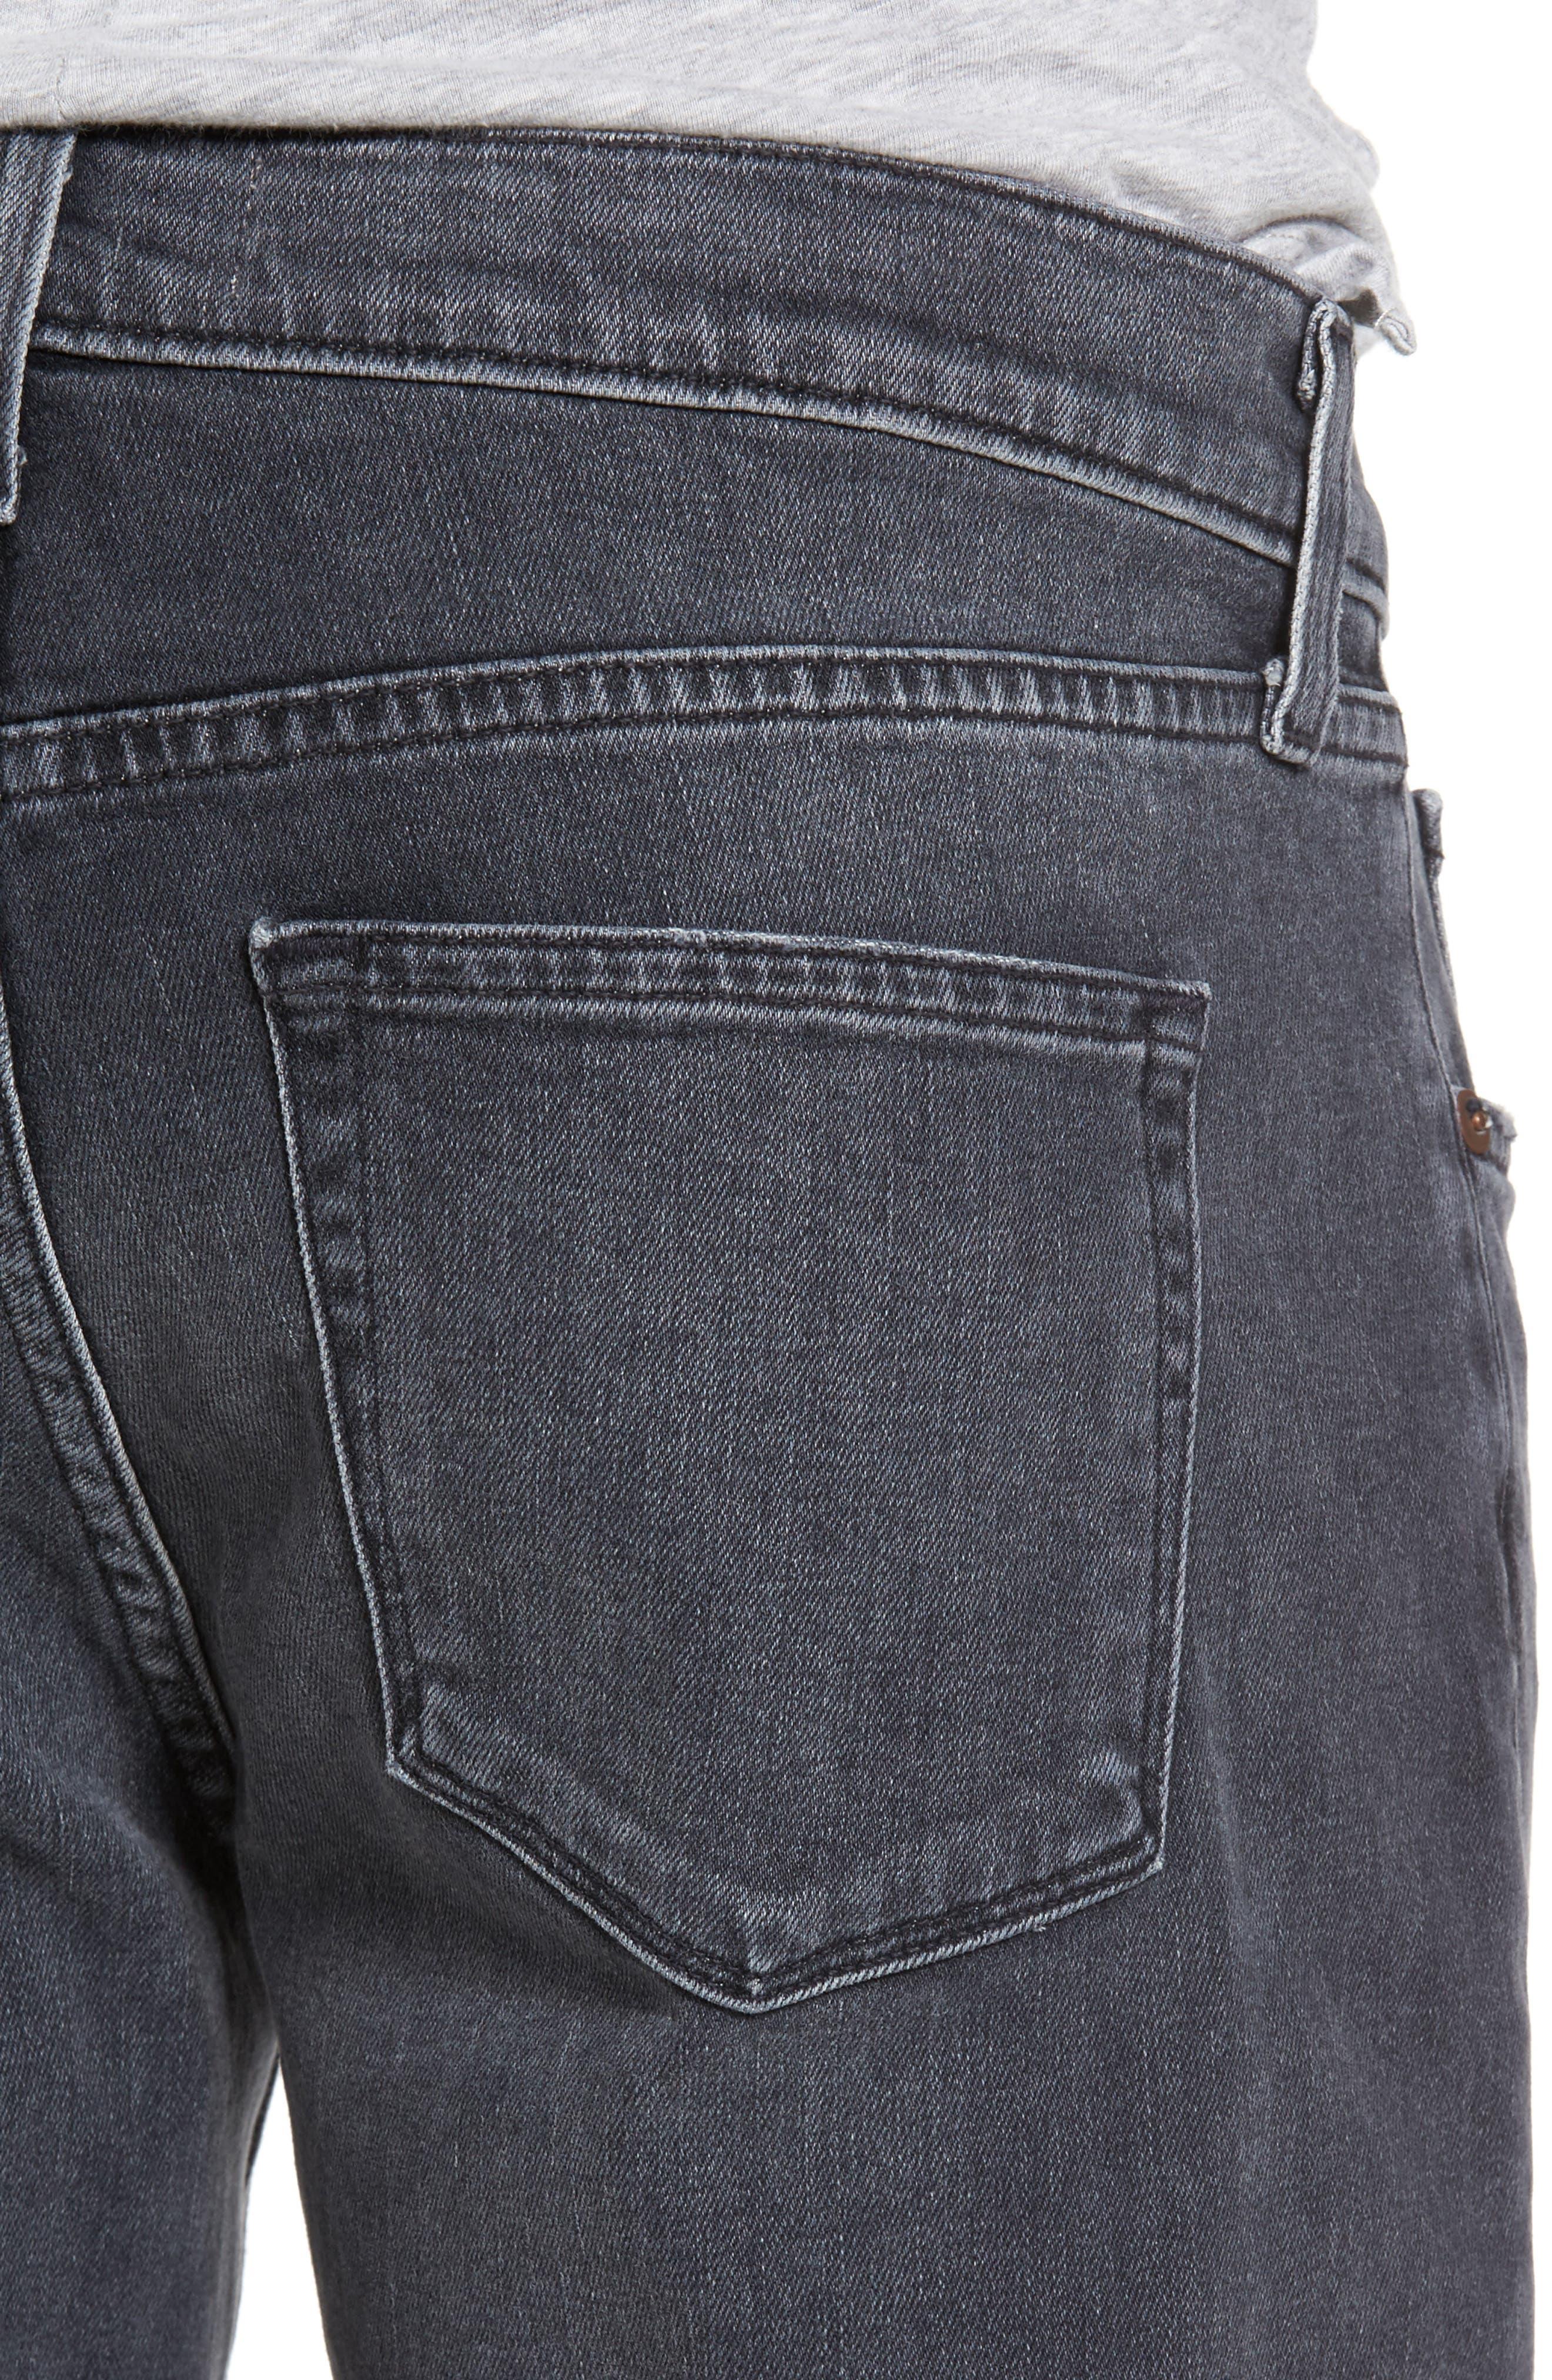 Tyler Slim Jeans,                             Alternate thumbnail 4, color,                             400